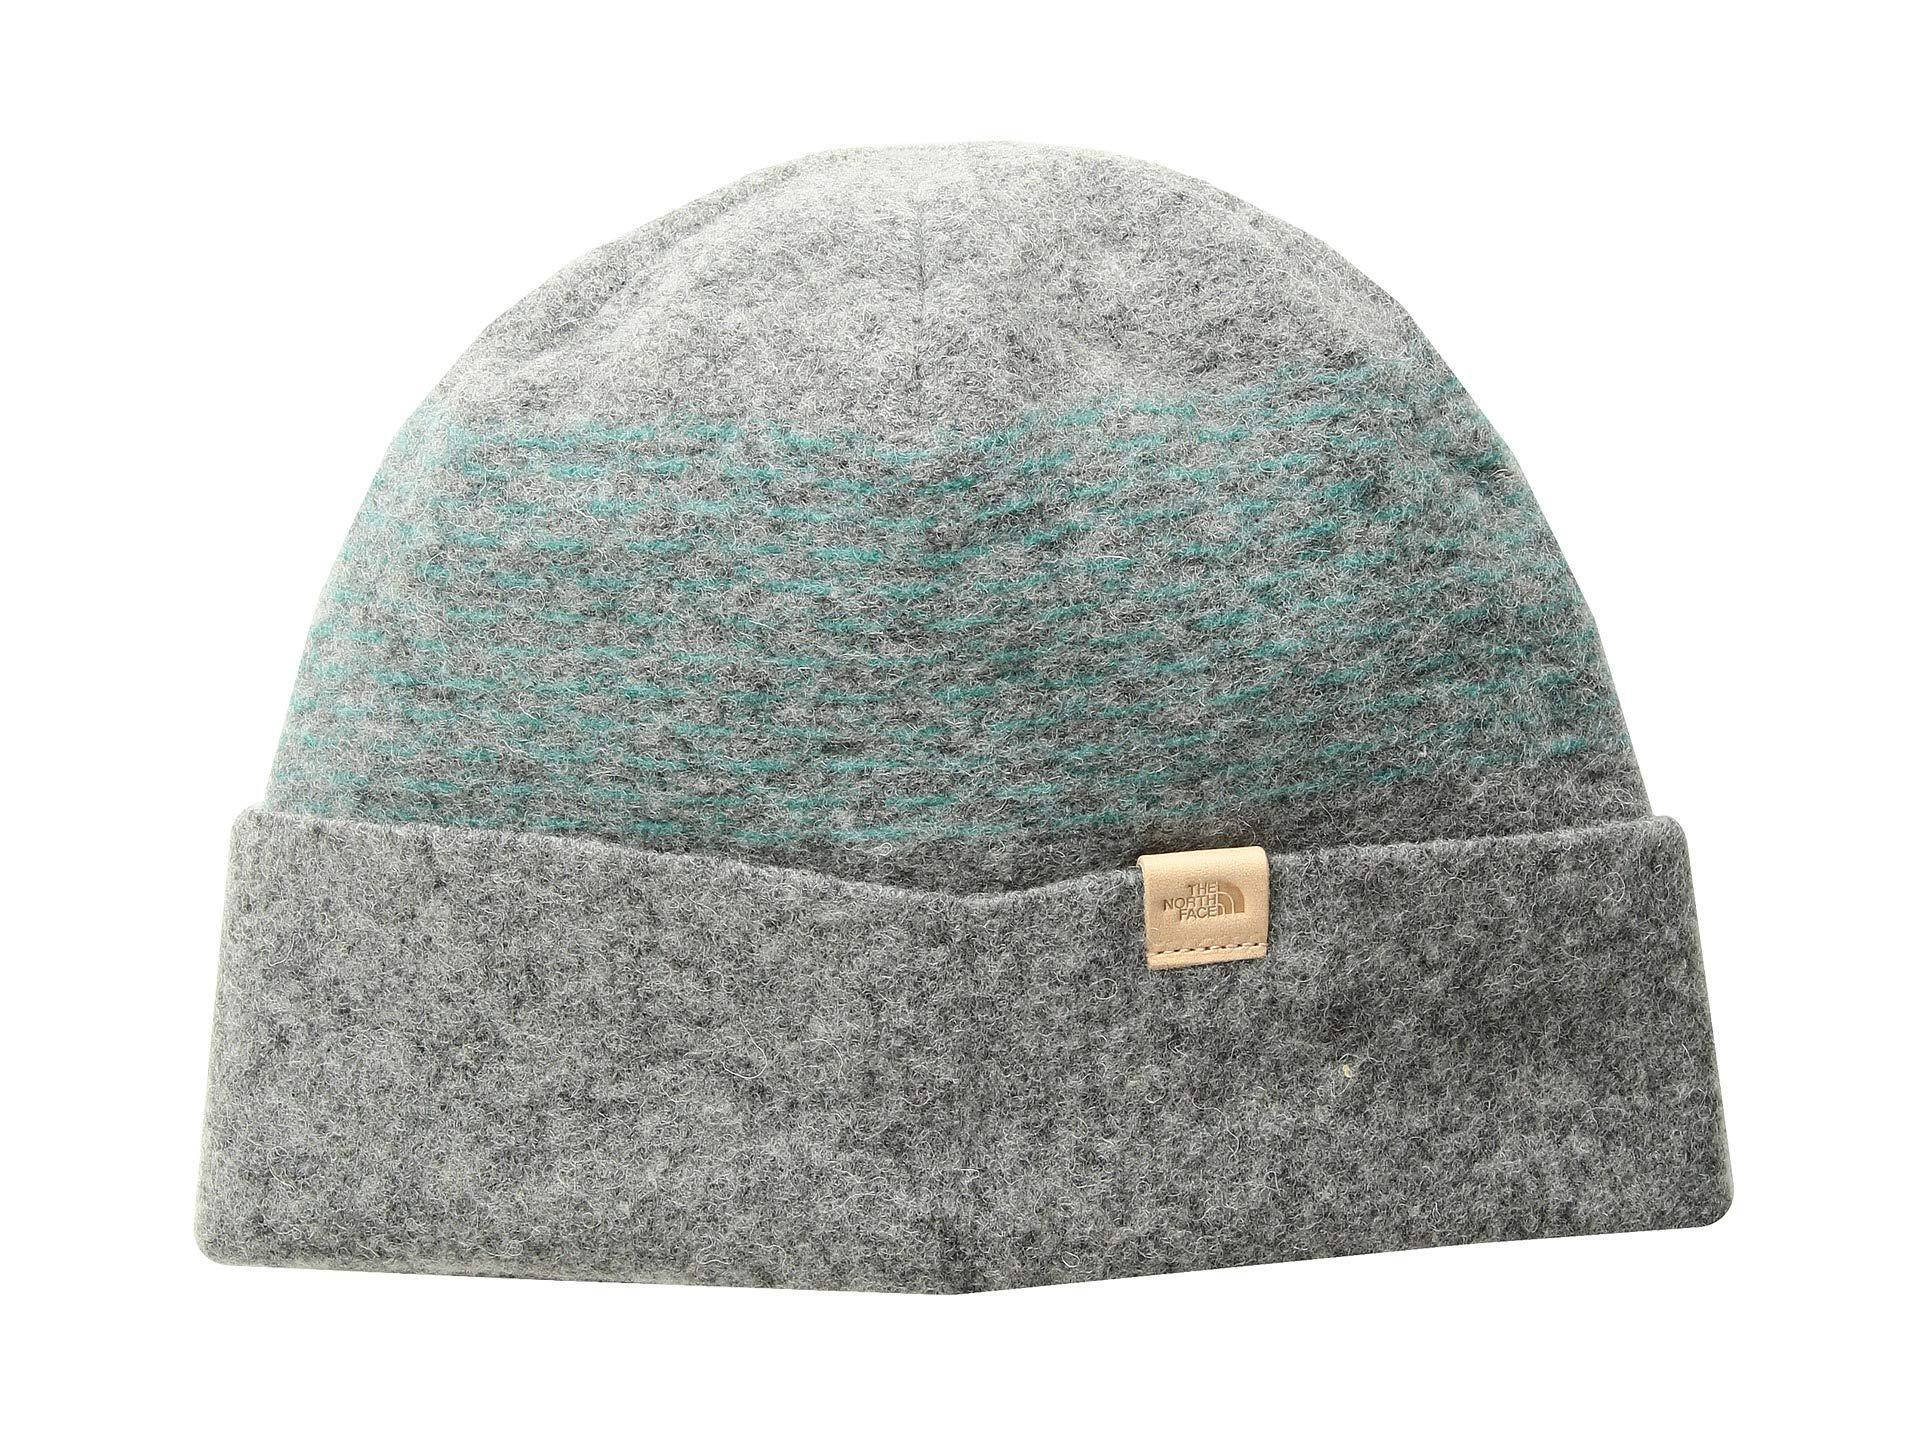 d147b3f3f22 Lyst - The North Face Felted Wool Beanie (tnf Medium Grey Heather ...